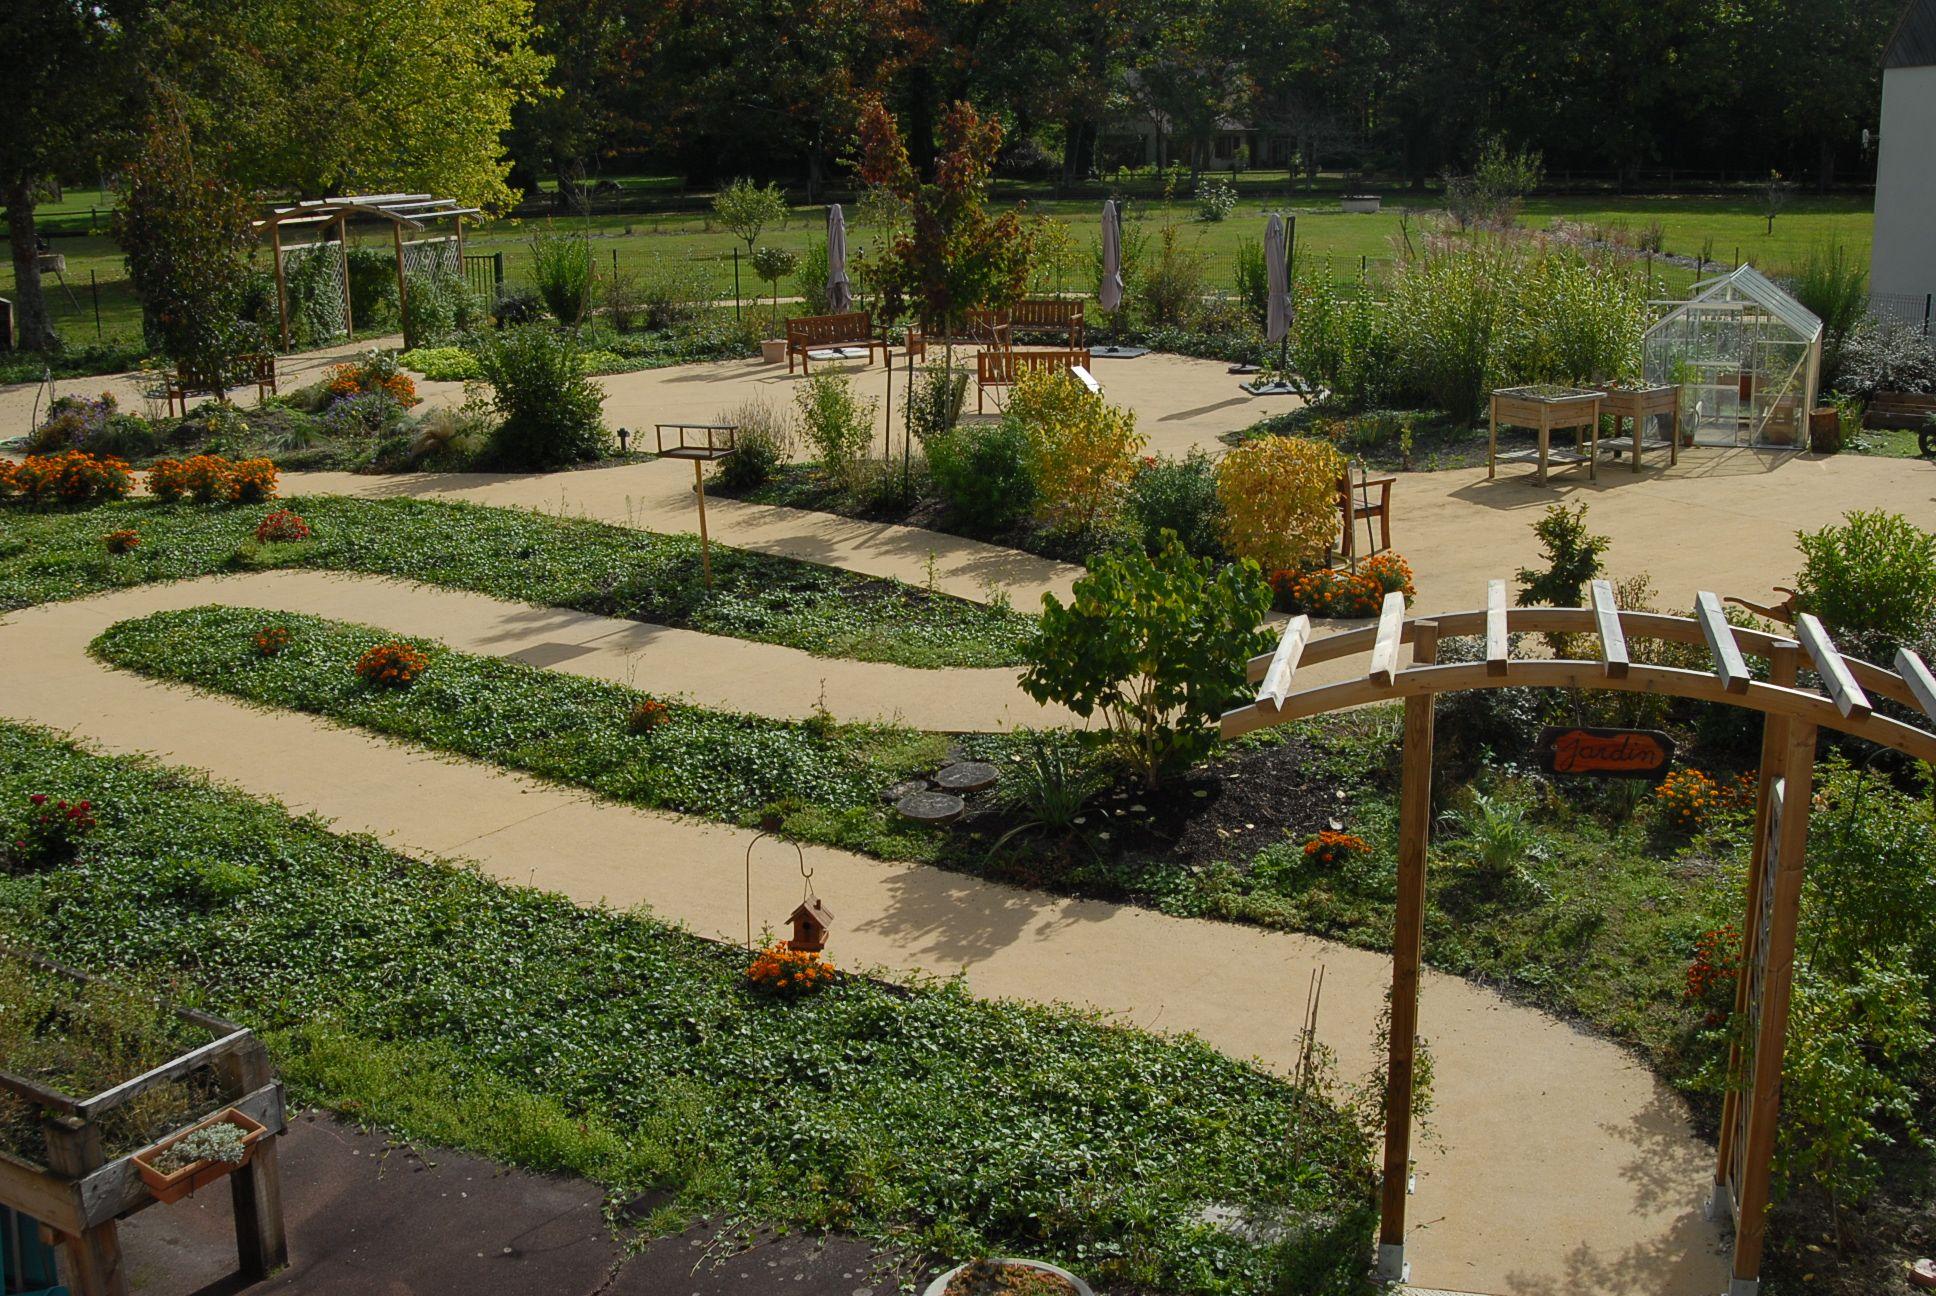 Comment Aménager Un Jardin En Pente Douce | Aménagement Jardin En ...